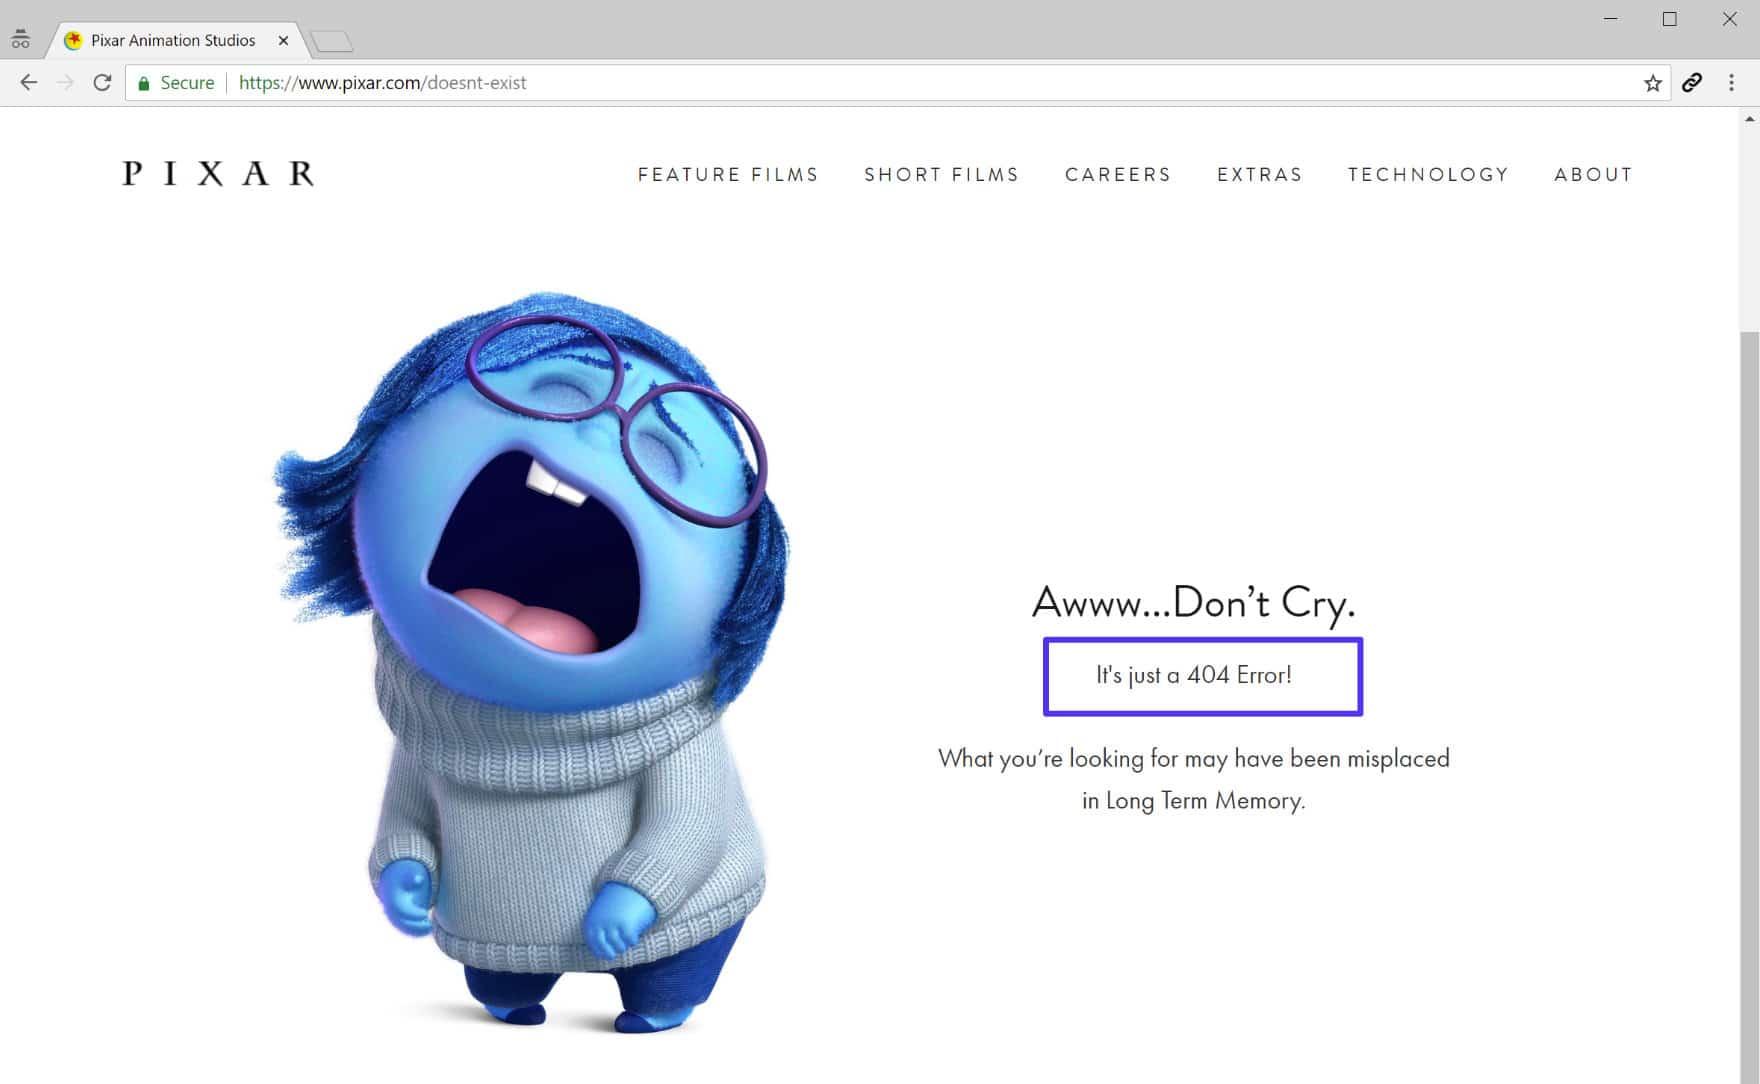 Et sjovt side 404 eksempel